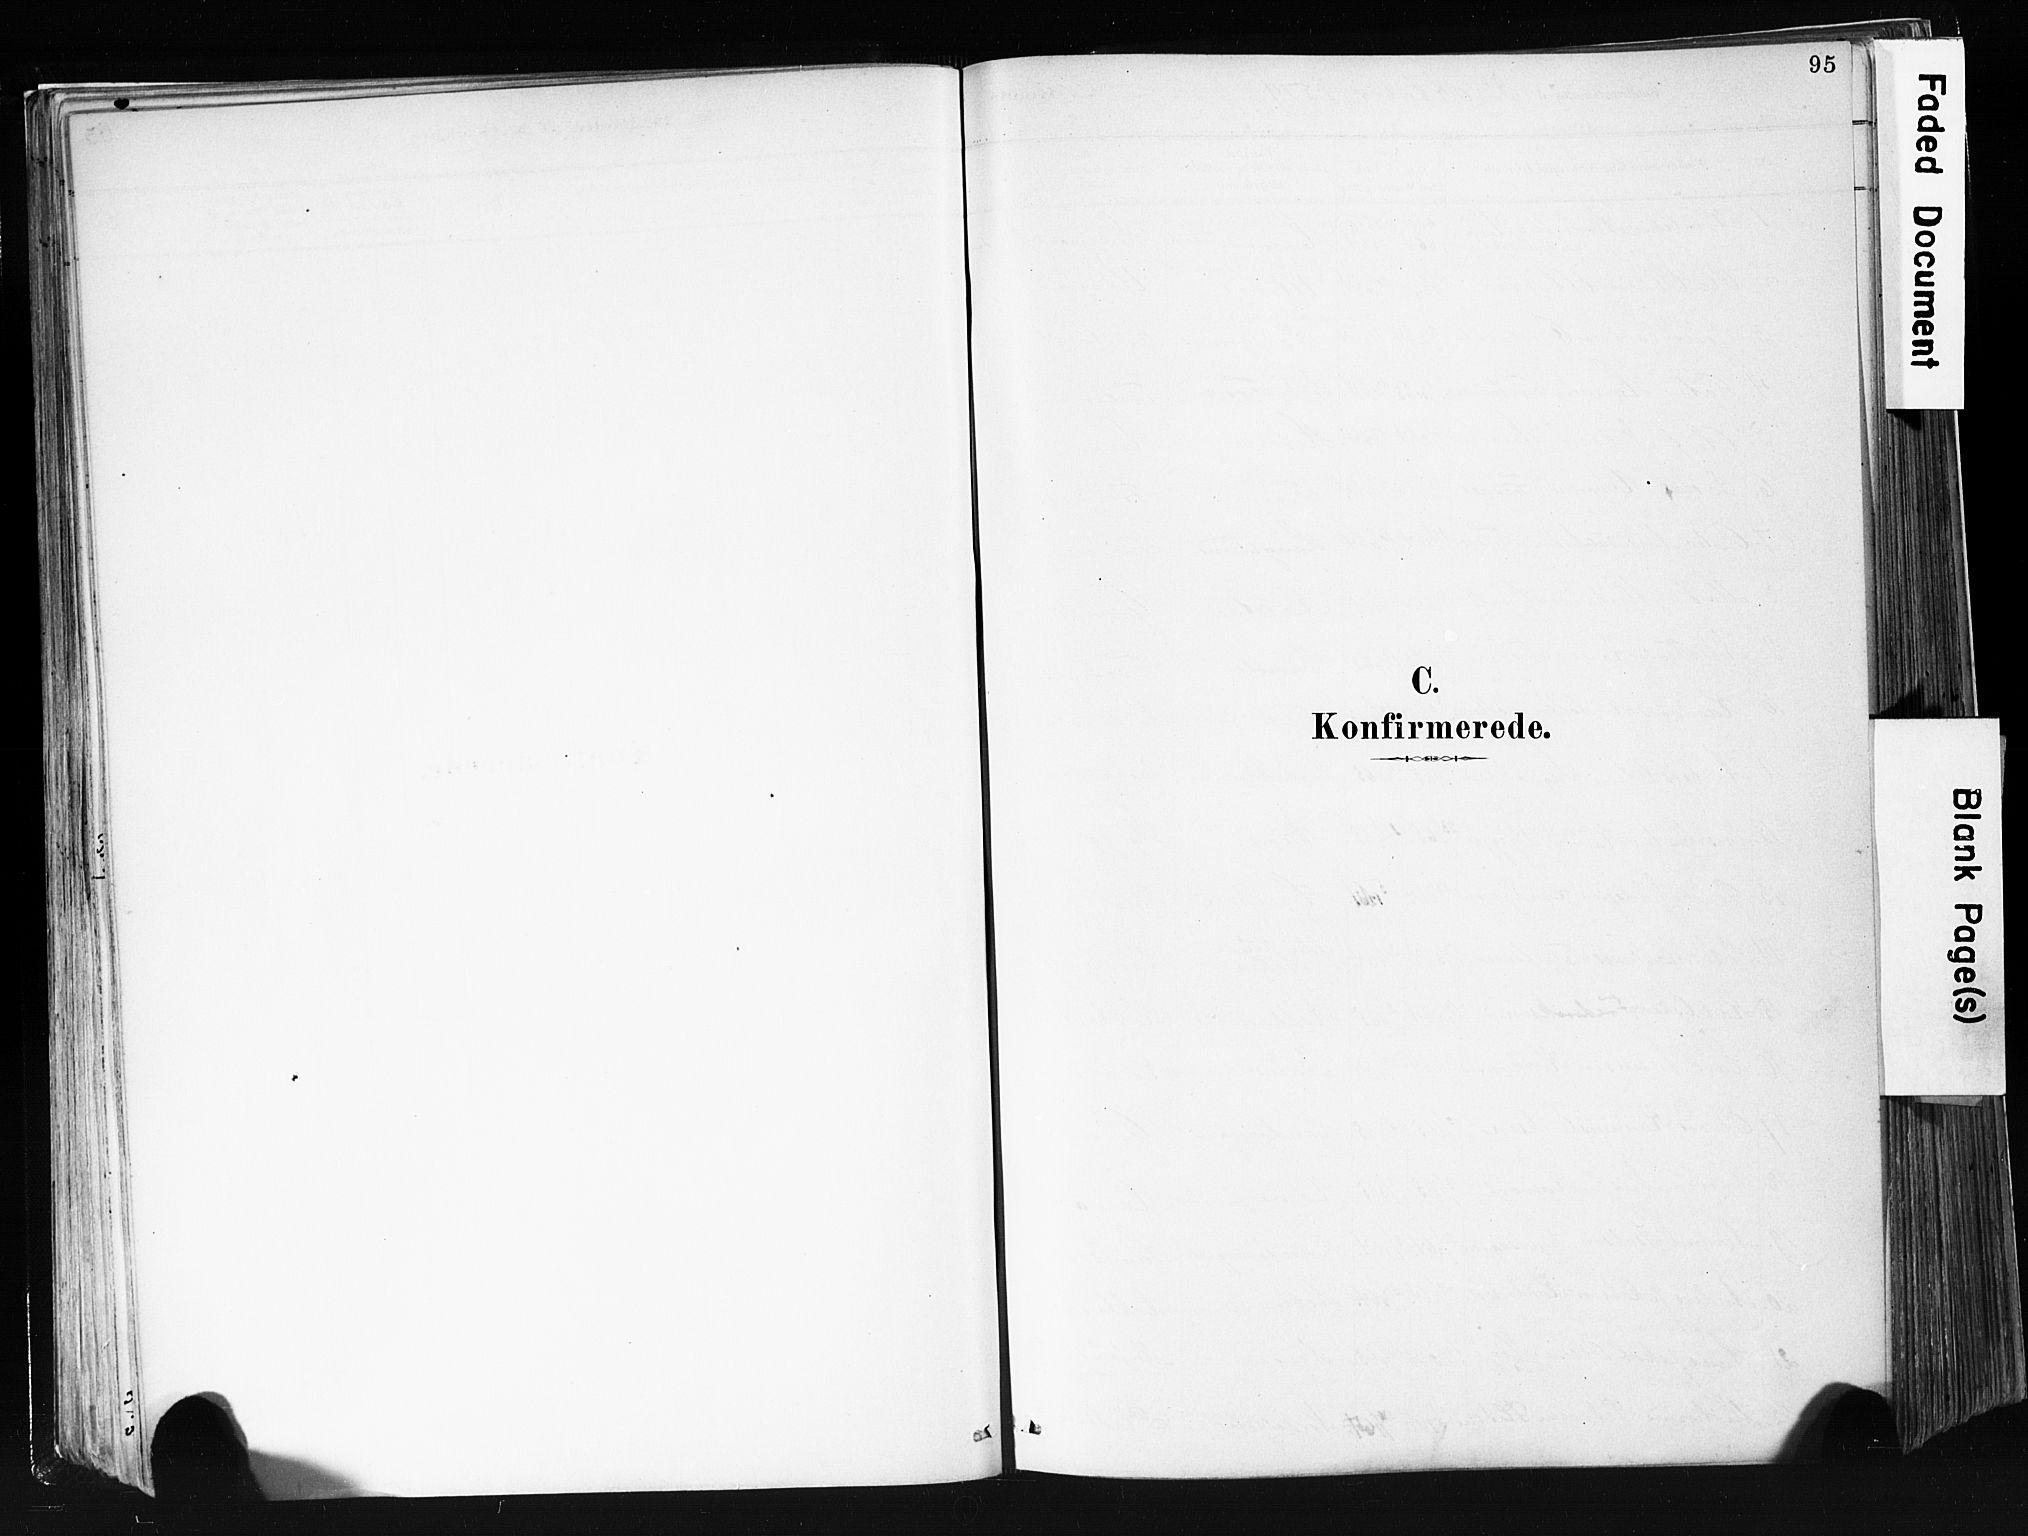 SAKO, Eidanger kirkebøker, F/Fa/L0012: Ministerialbok nr. 12, 1879-1900, s. 95